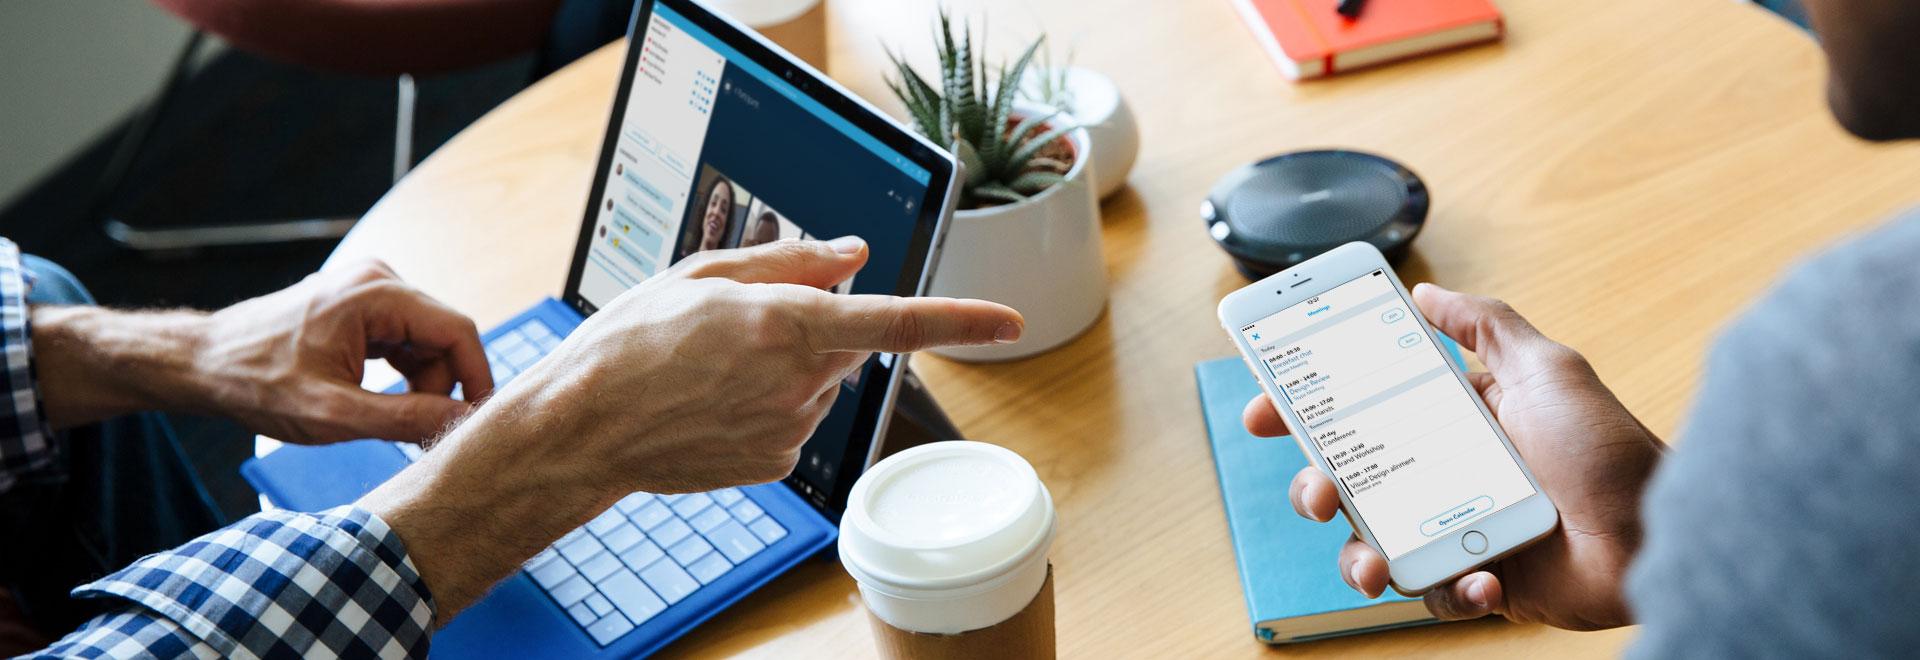 Два человека работают за столом: один на телефоне, а другой на ноутбуке в Skype для бизнеса